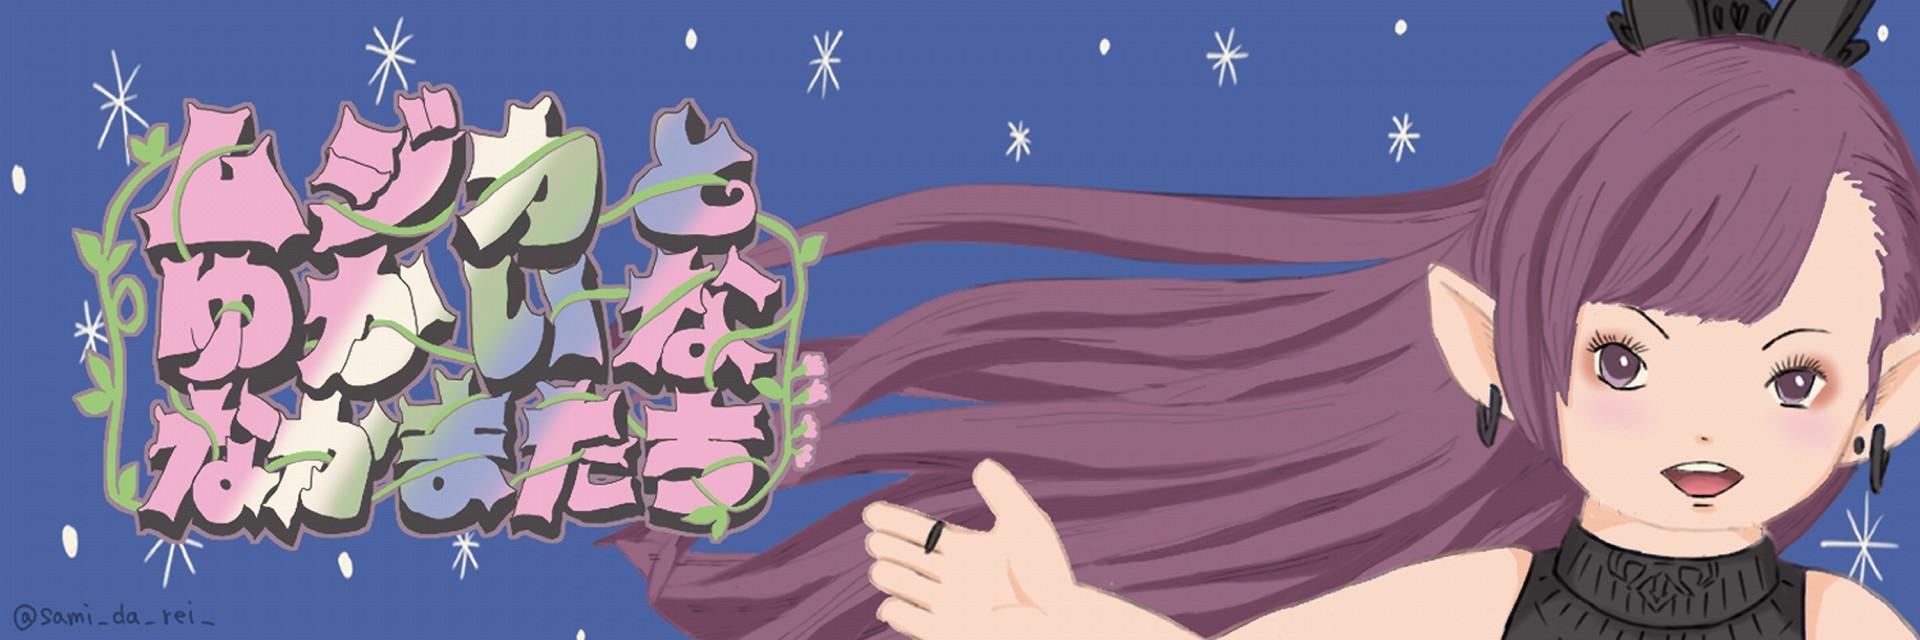 f:id:ryoushitsu-musica:20210429073425j:image